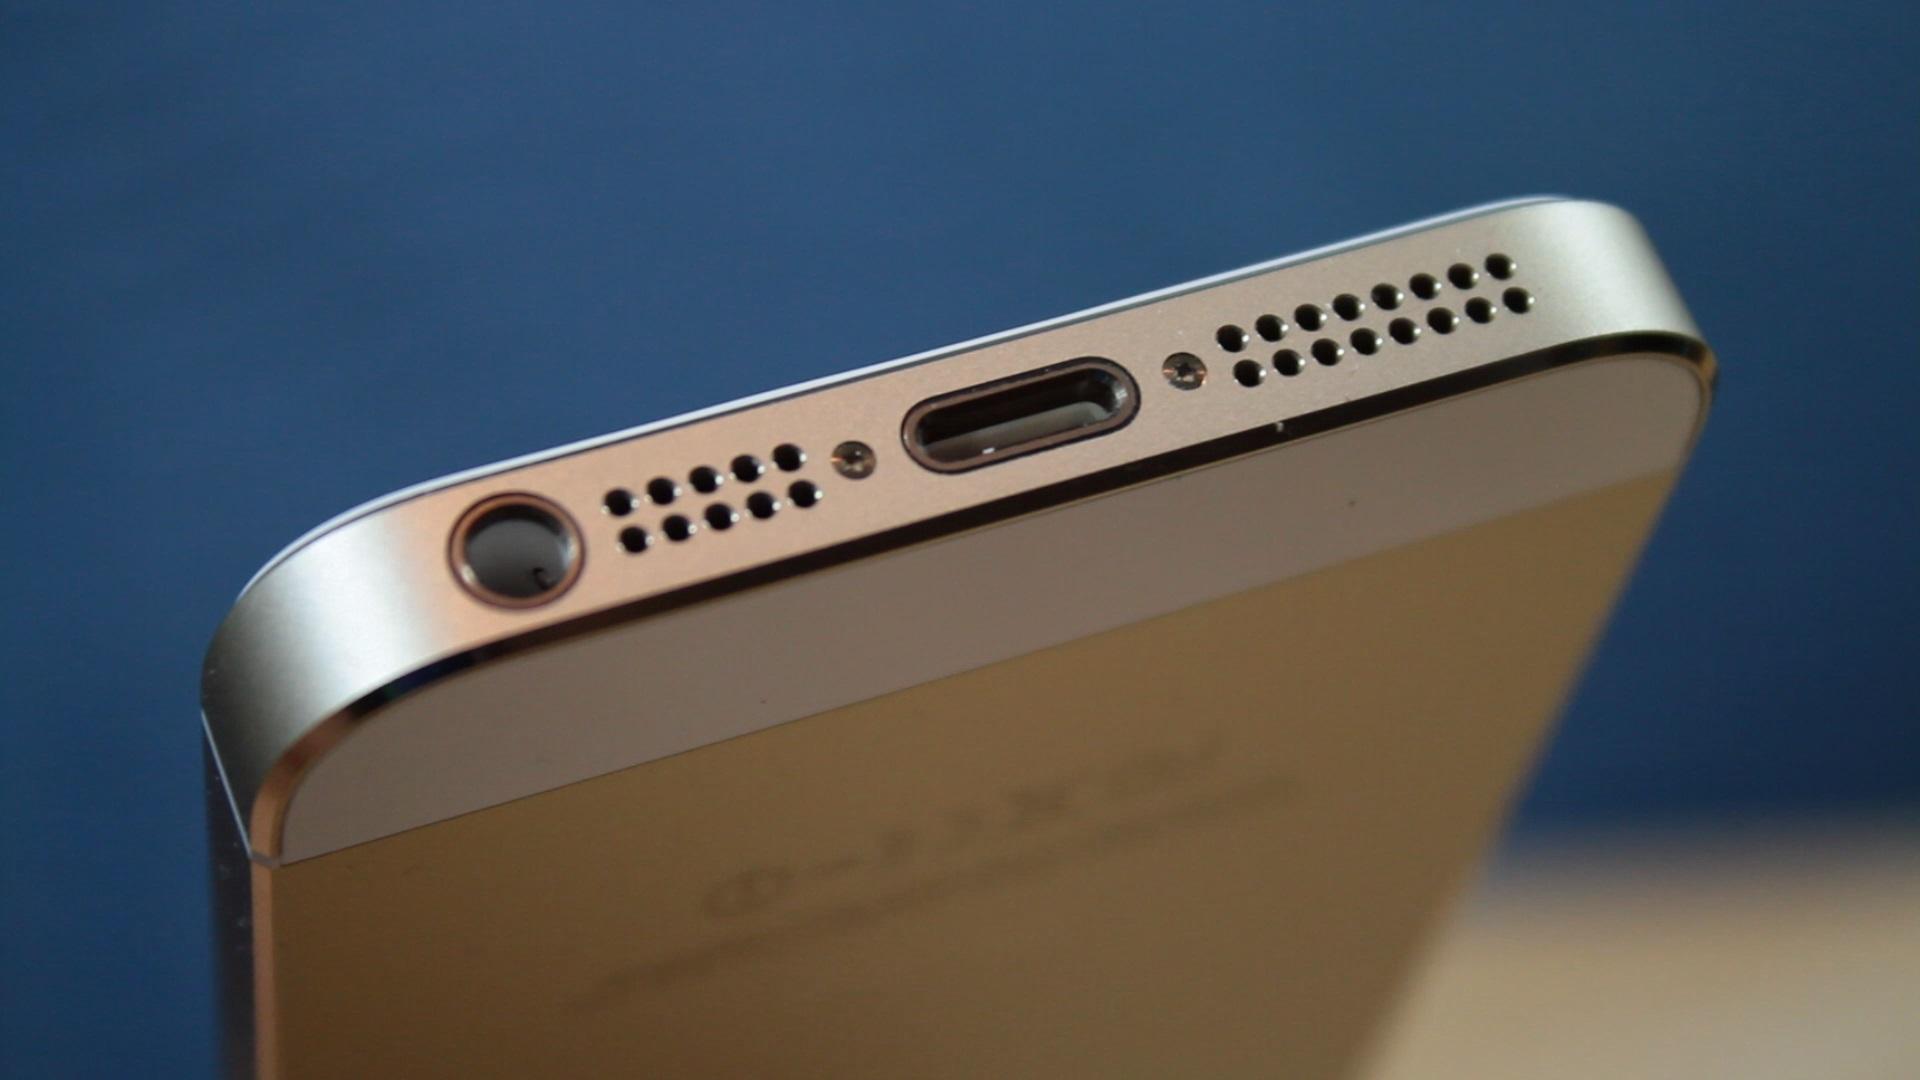 foto 1 iphone 7 se definitivn rozlou s audiojackem